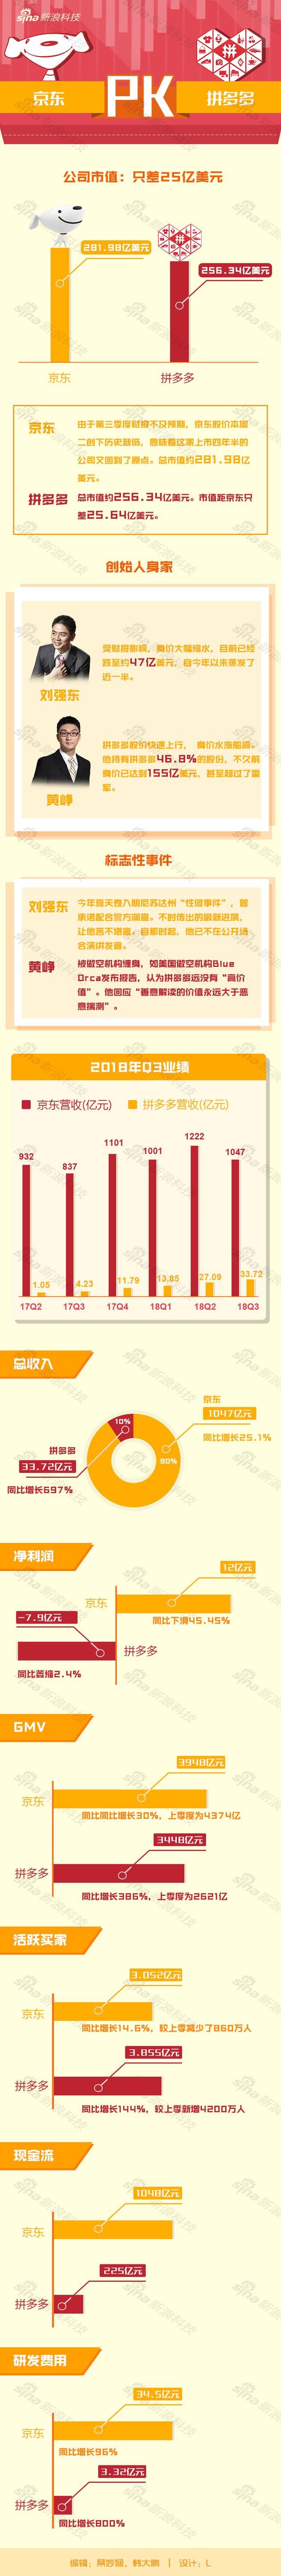 拼多多PK京东财报图解:市值相差25亿美元